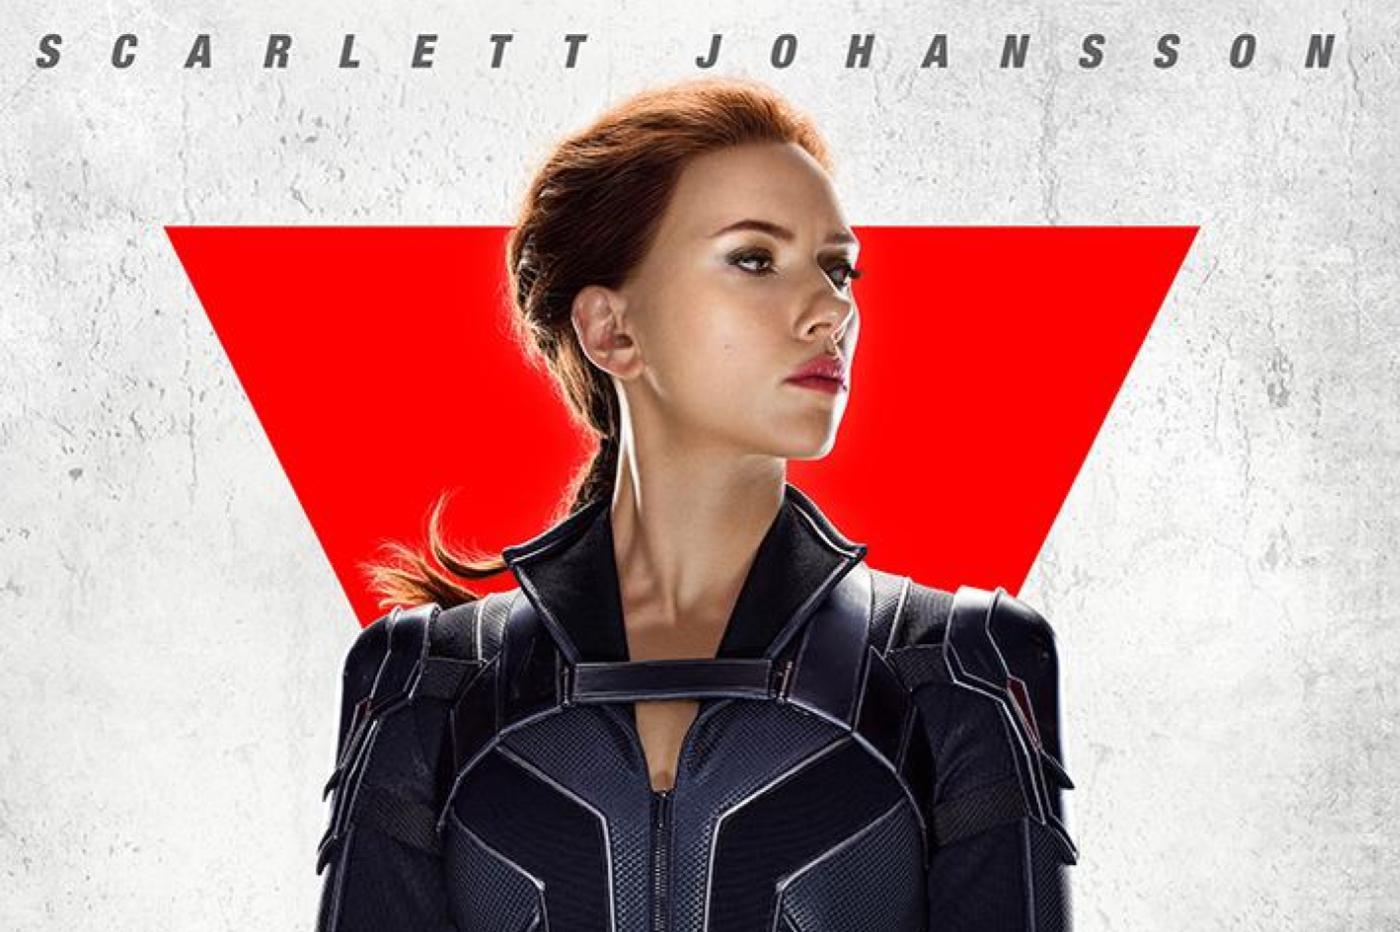 Black Widow Affiche Scarlett Johansson